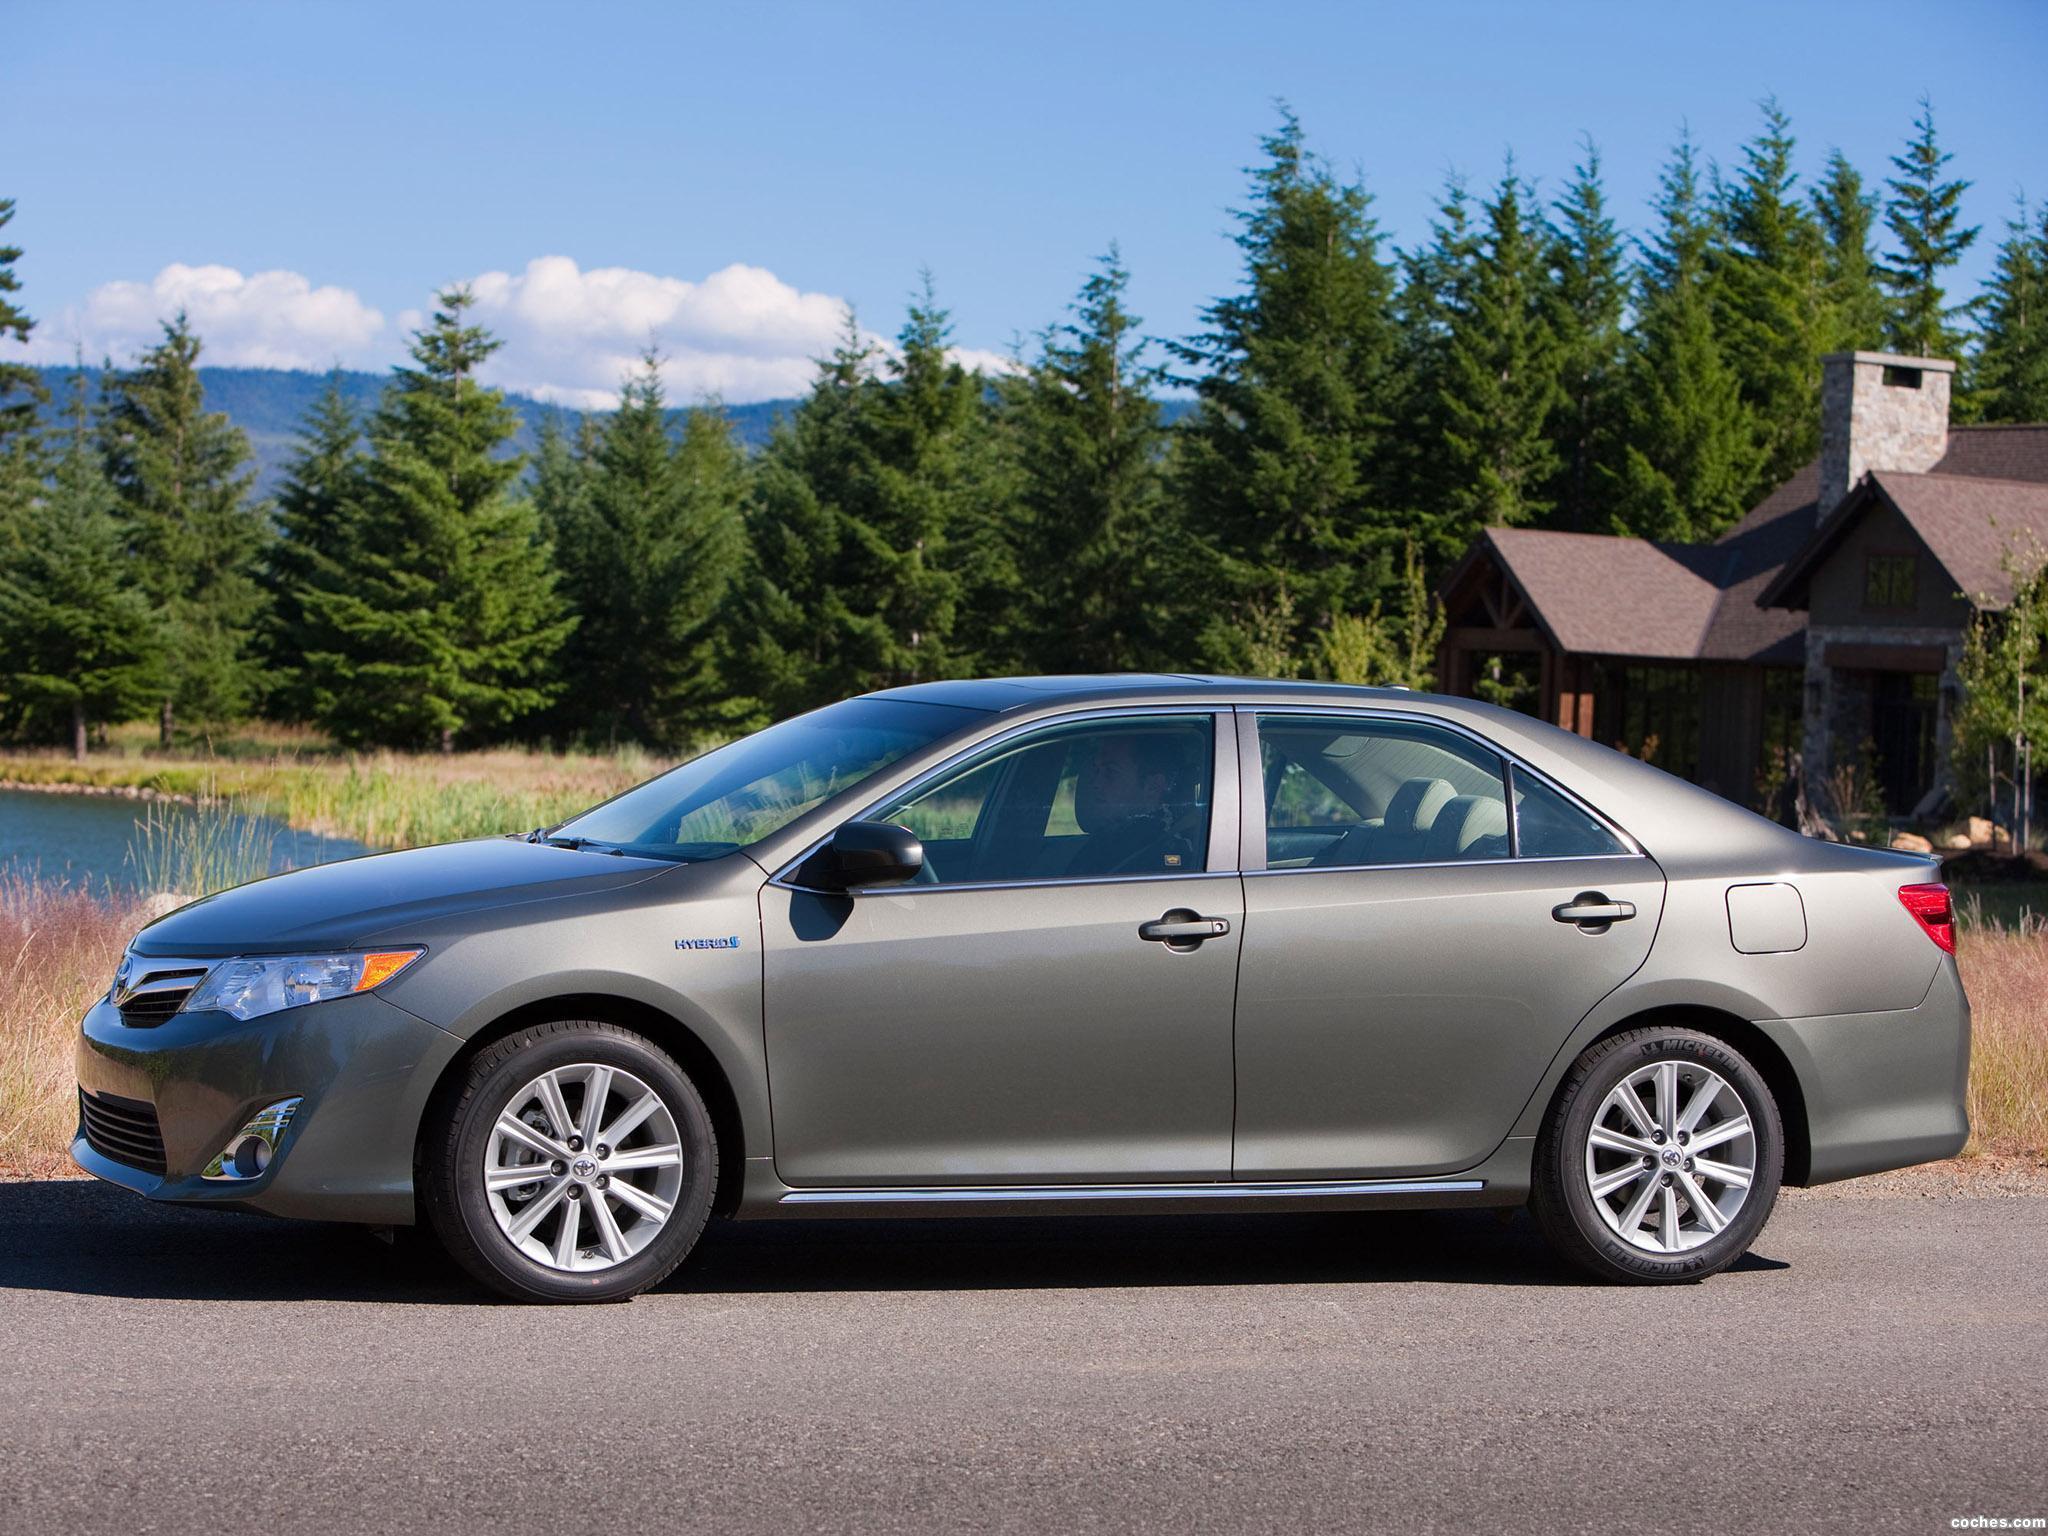 Foto 11 de Toyota Camry Hybrid 2011